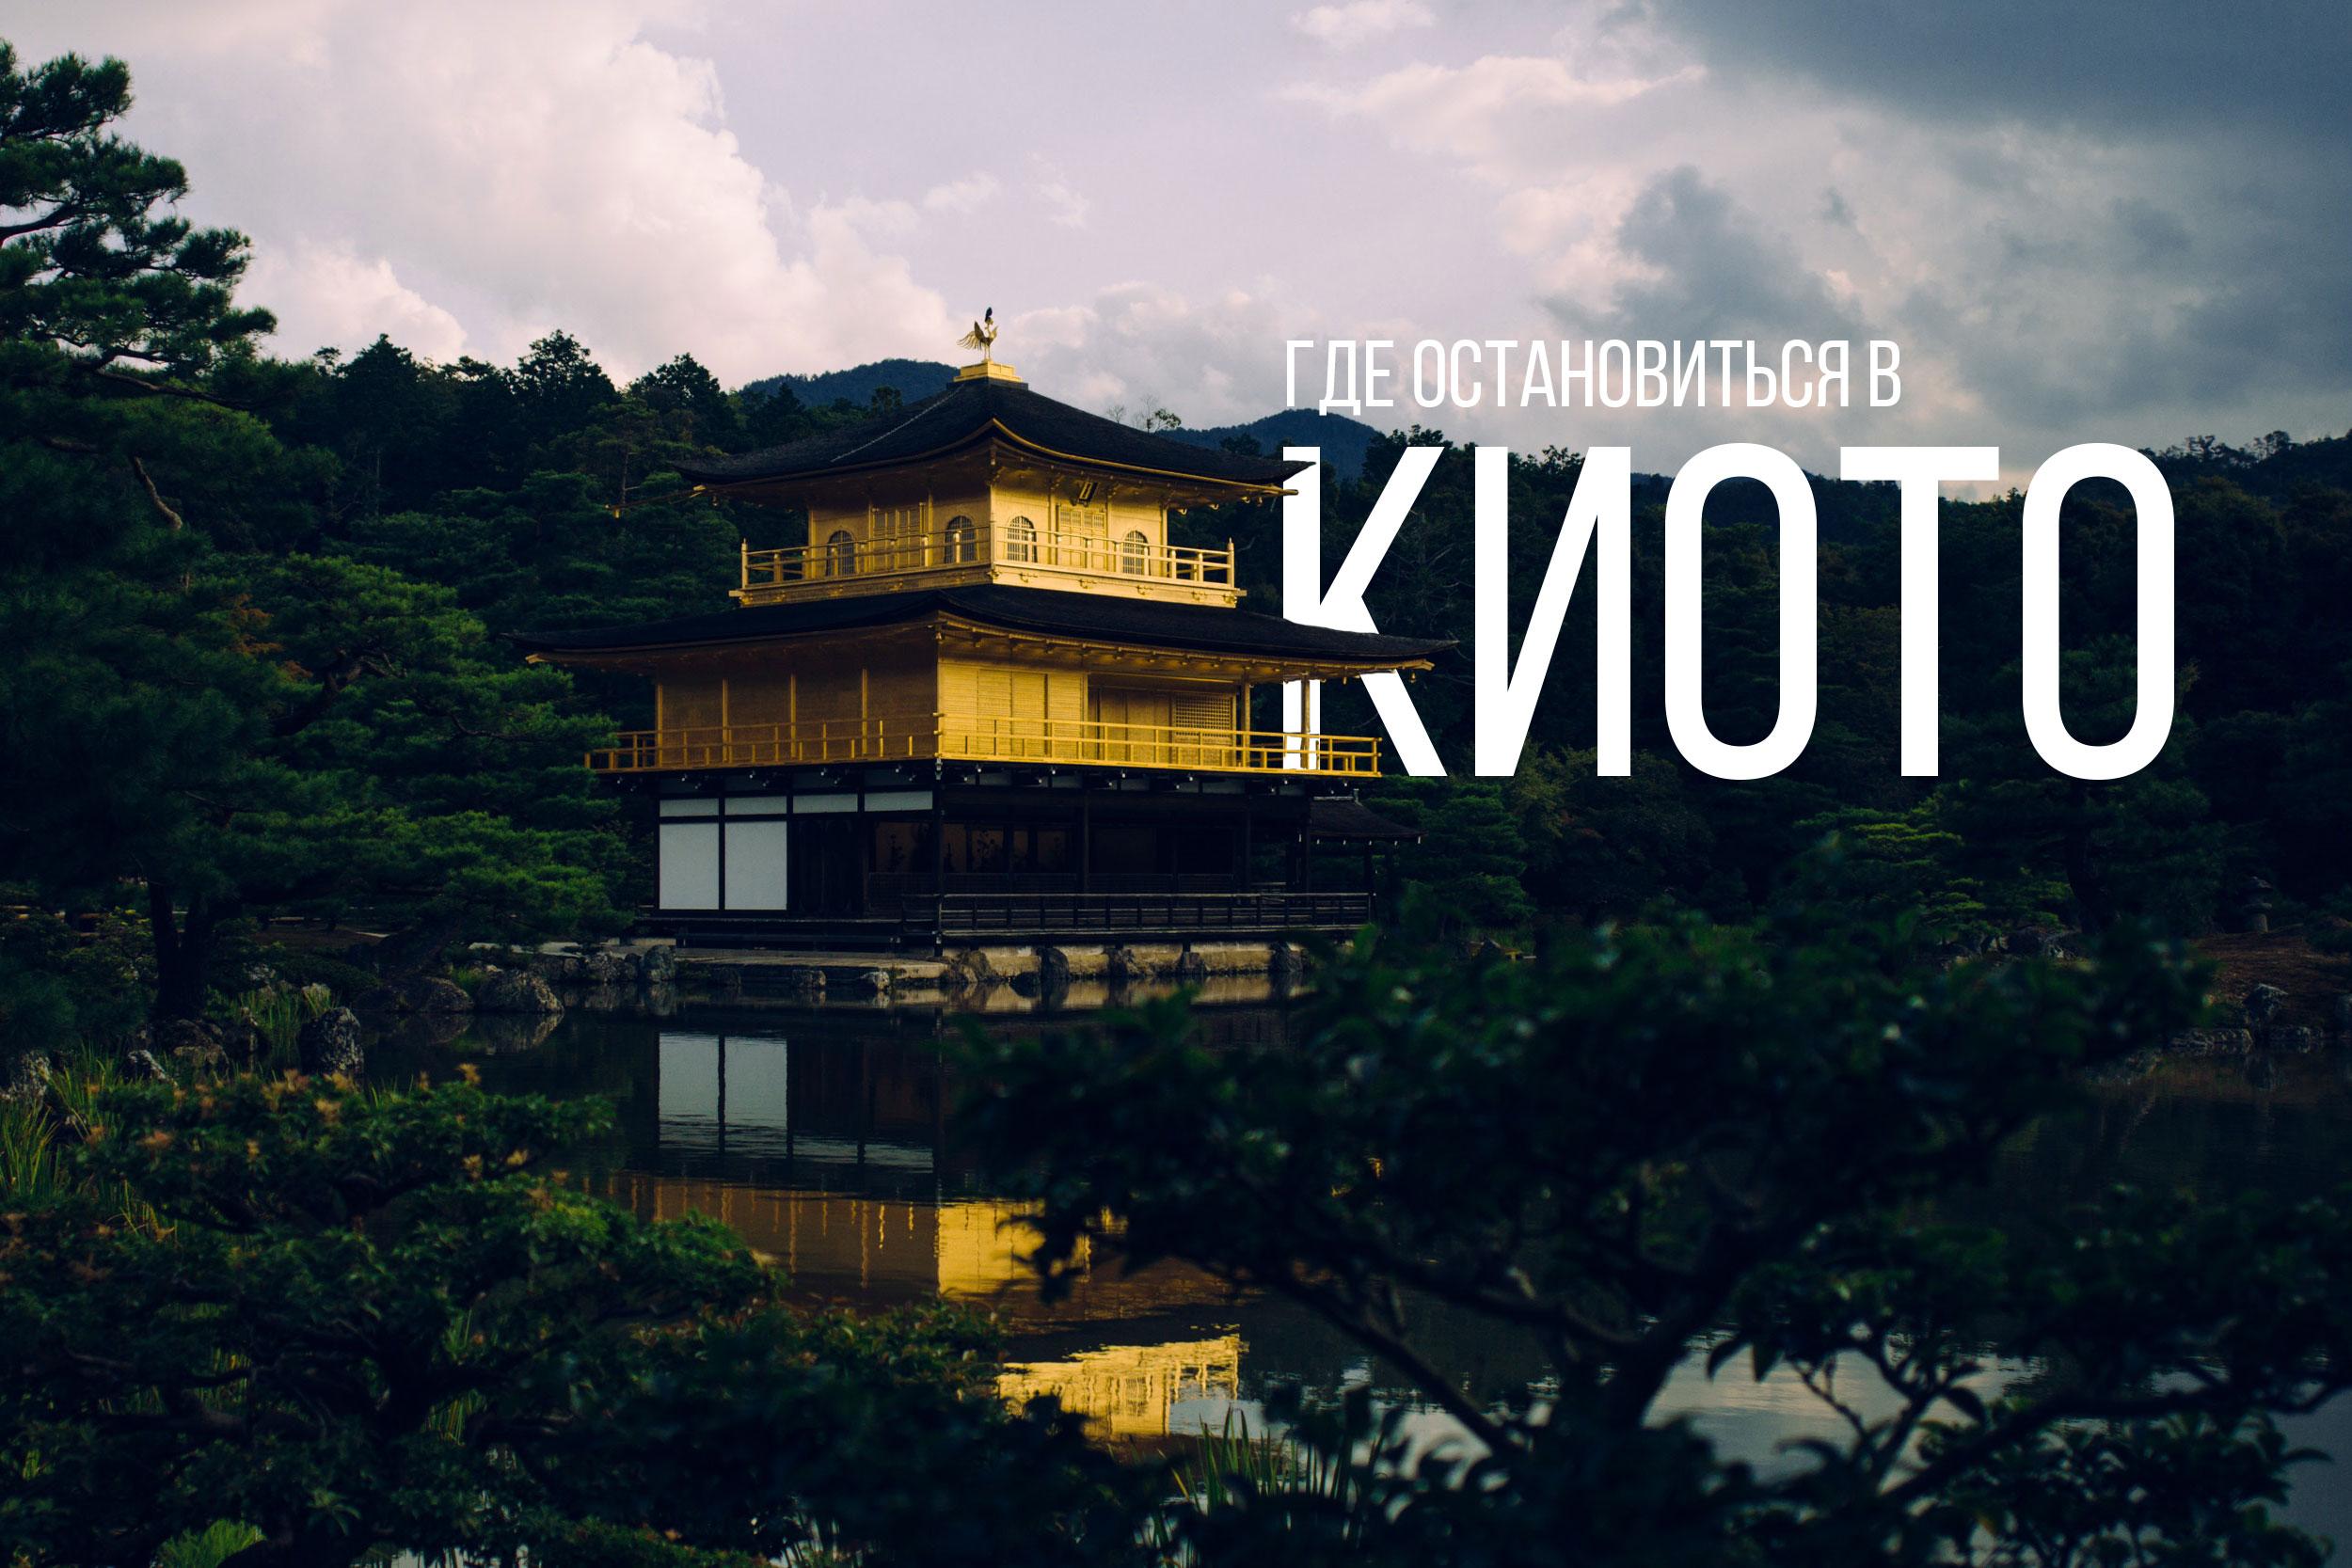 Самостоятельное путешествие: Где остановиться в Киото, Япония?